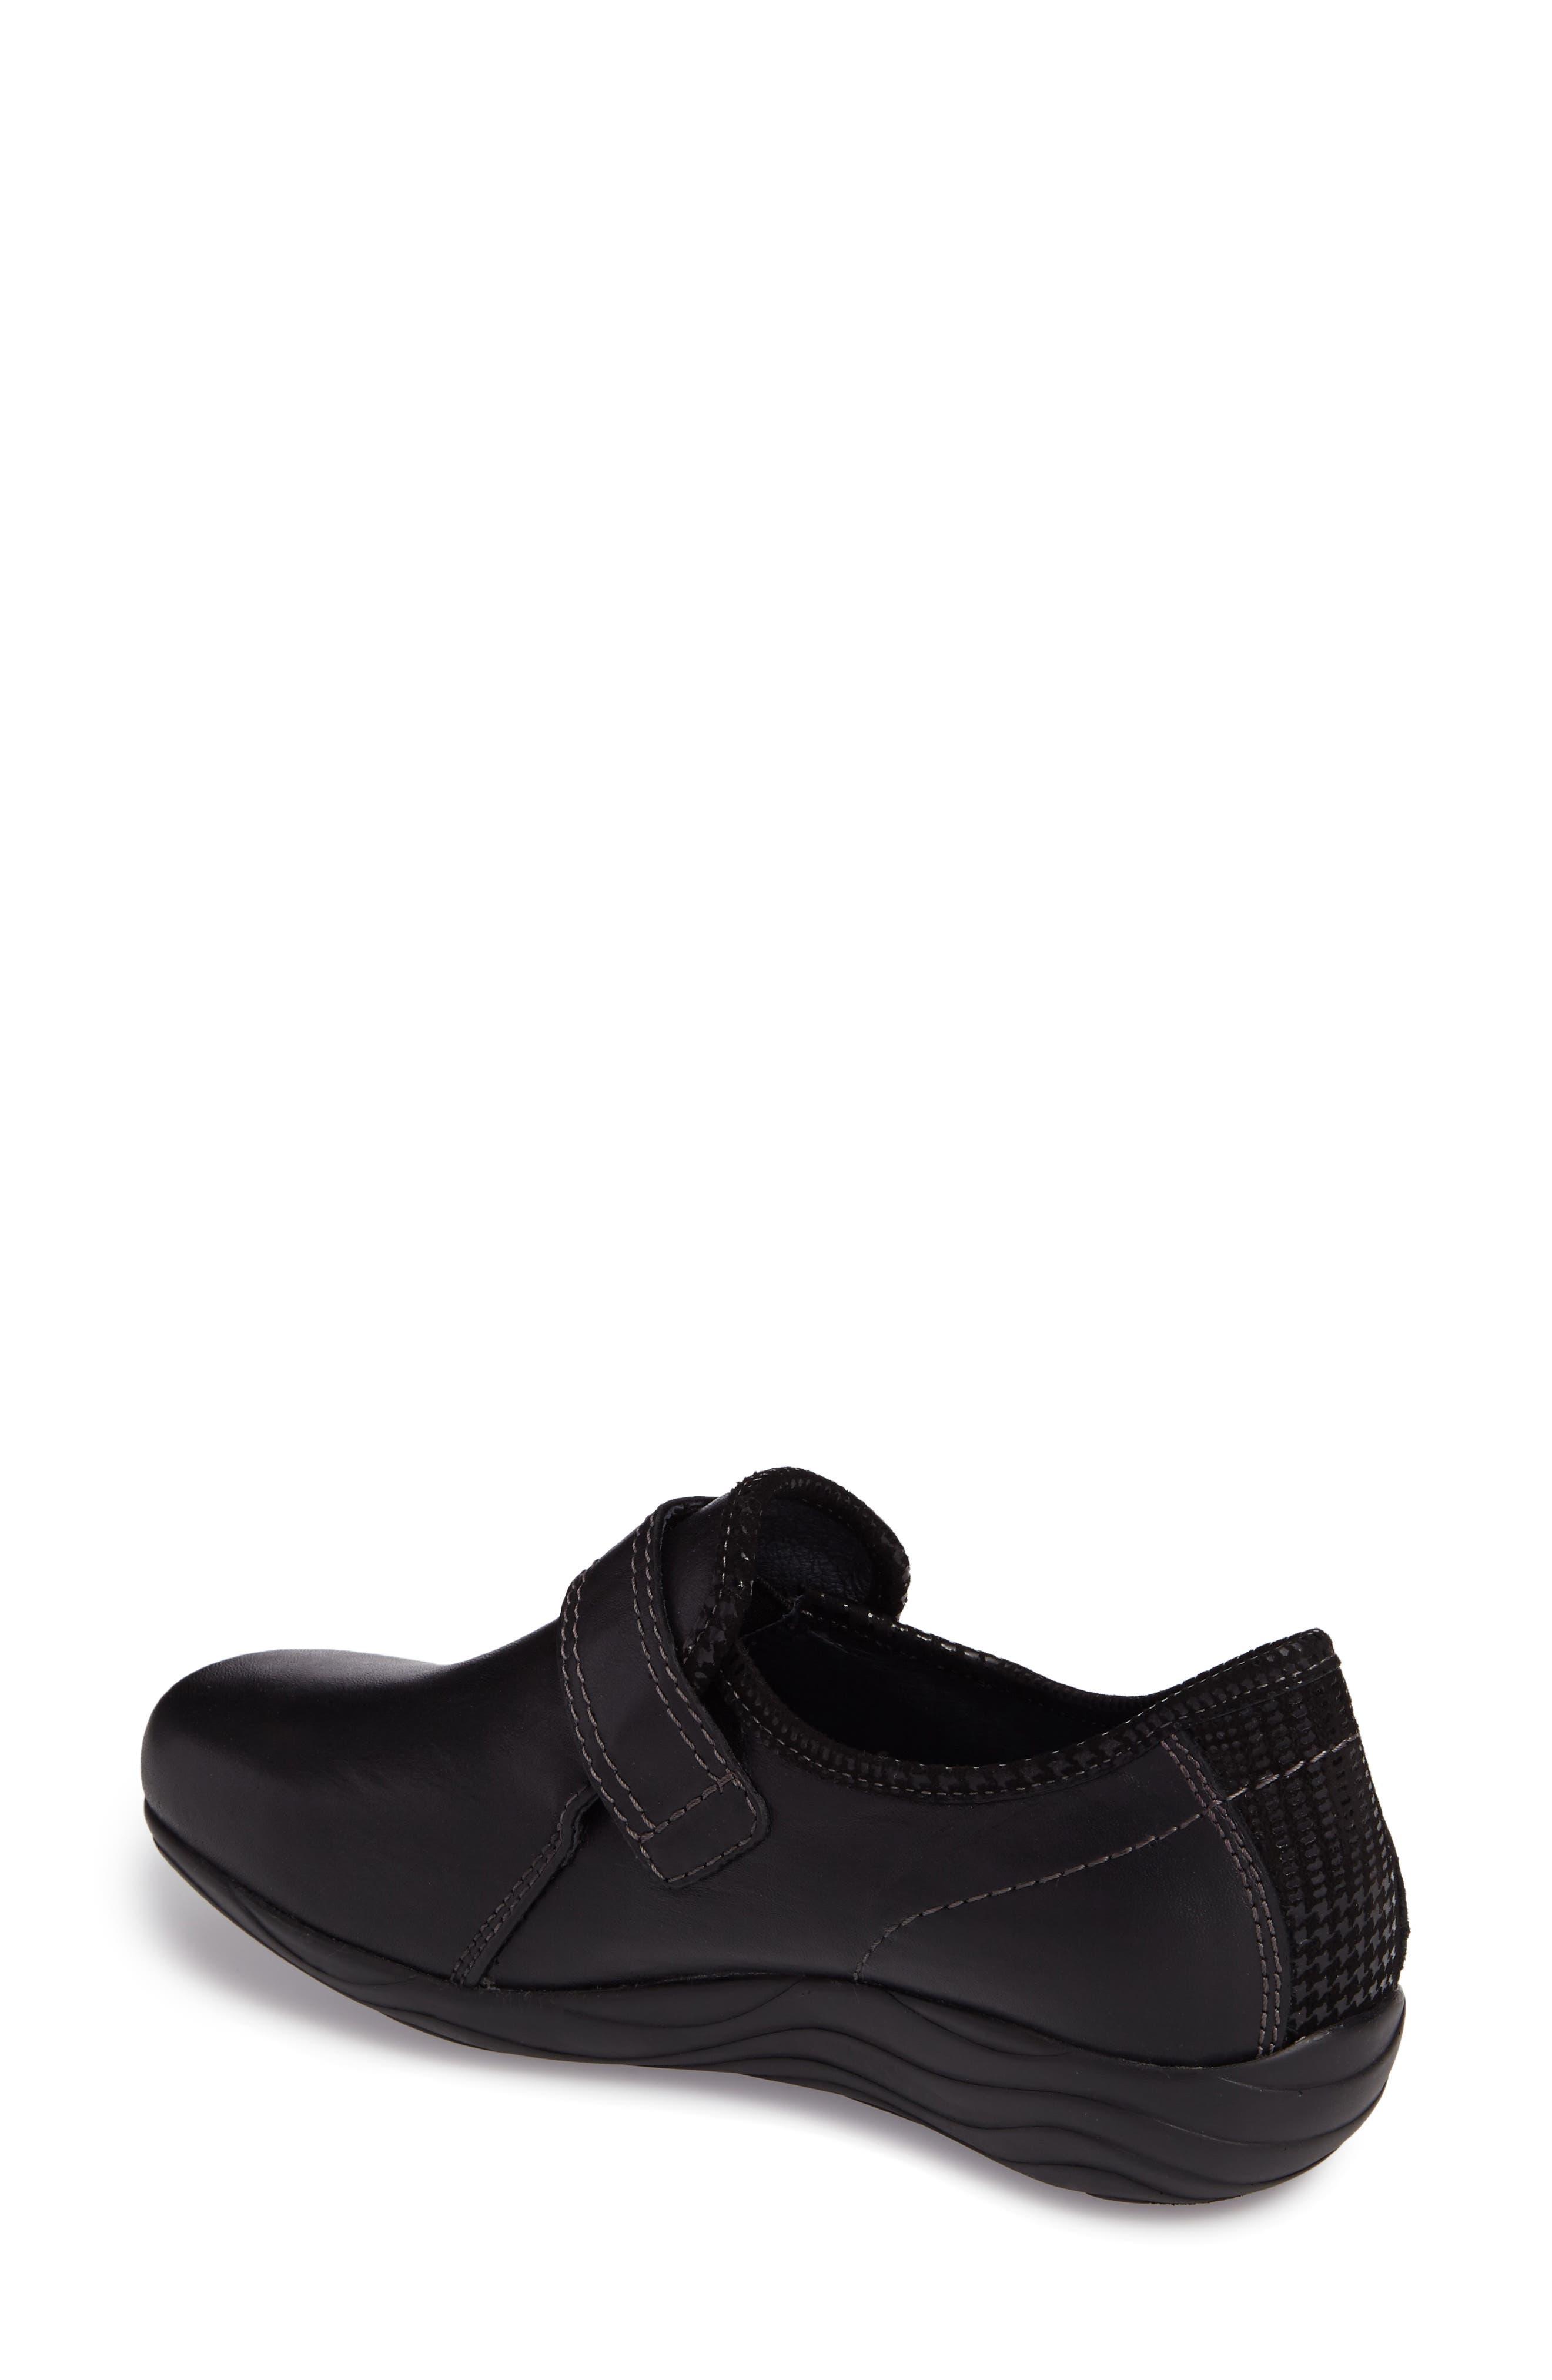 Desna Slip-On Sneaker,                             Alternate thumbnail 2, color,                             001